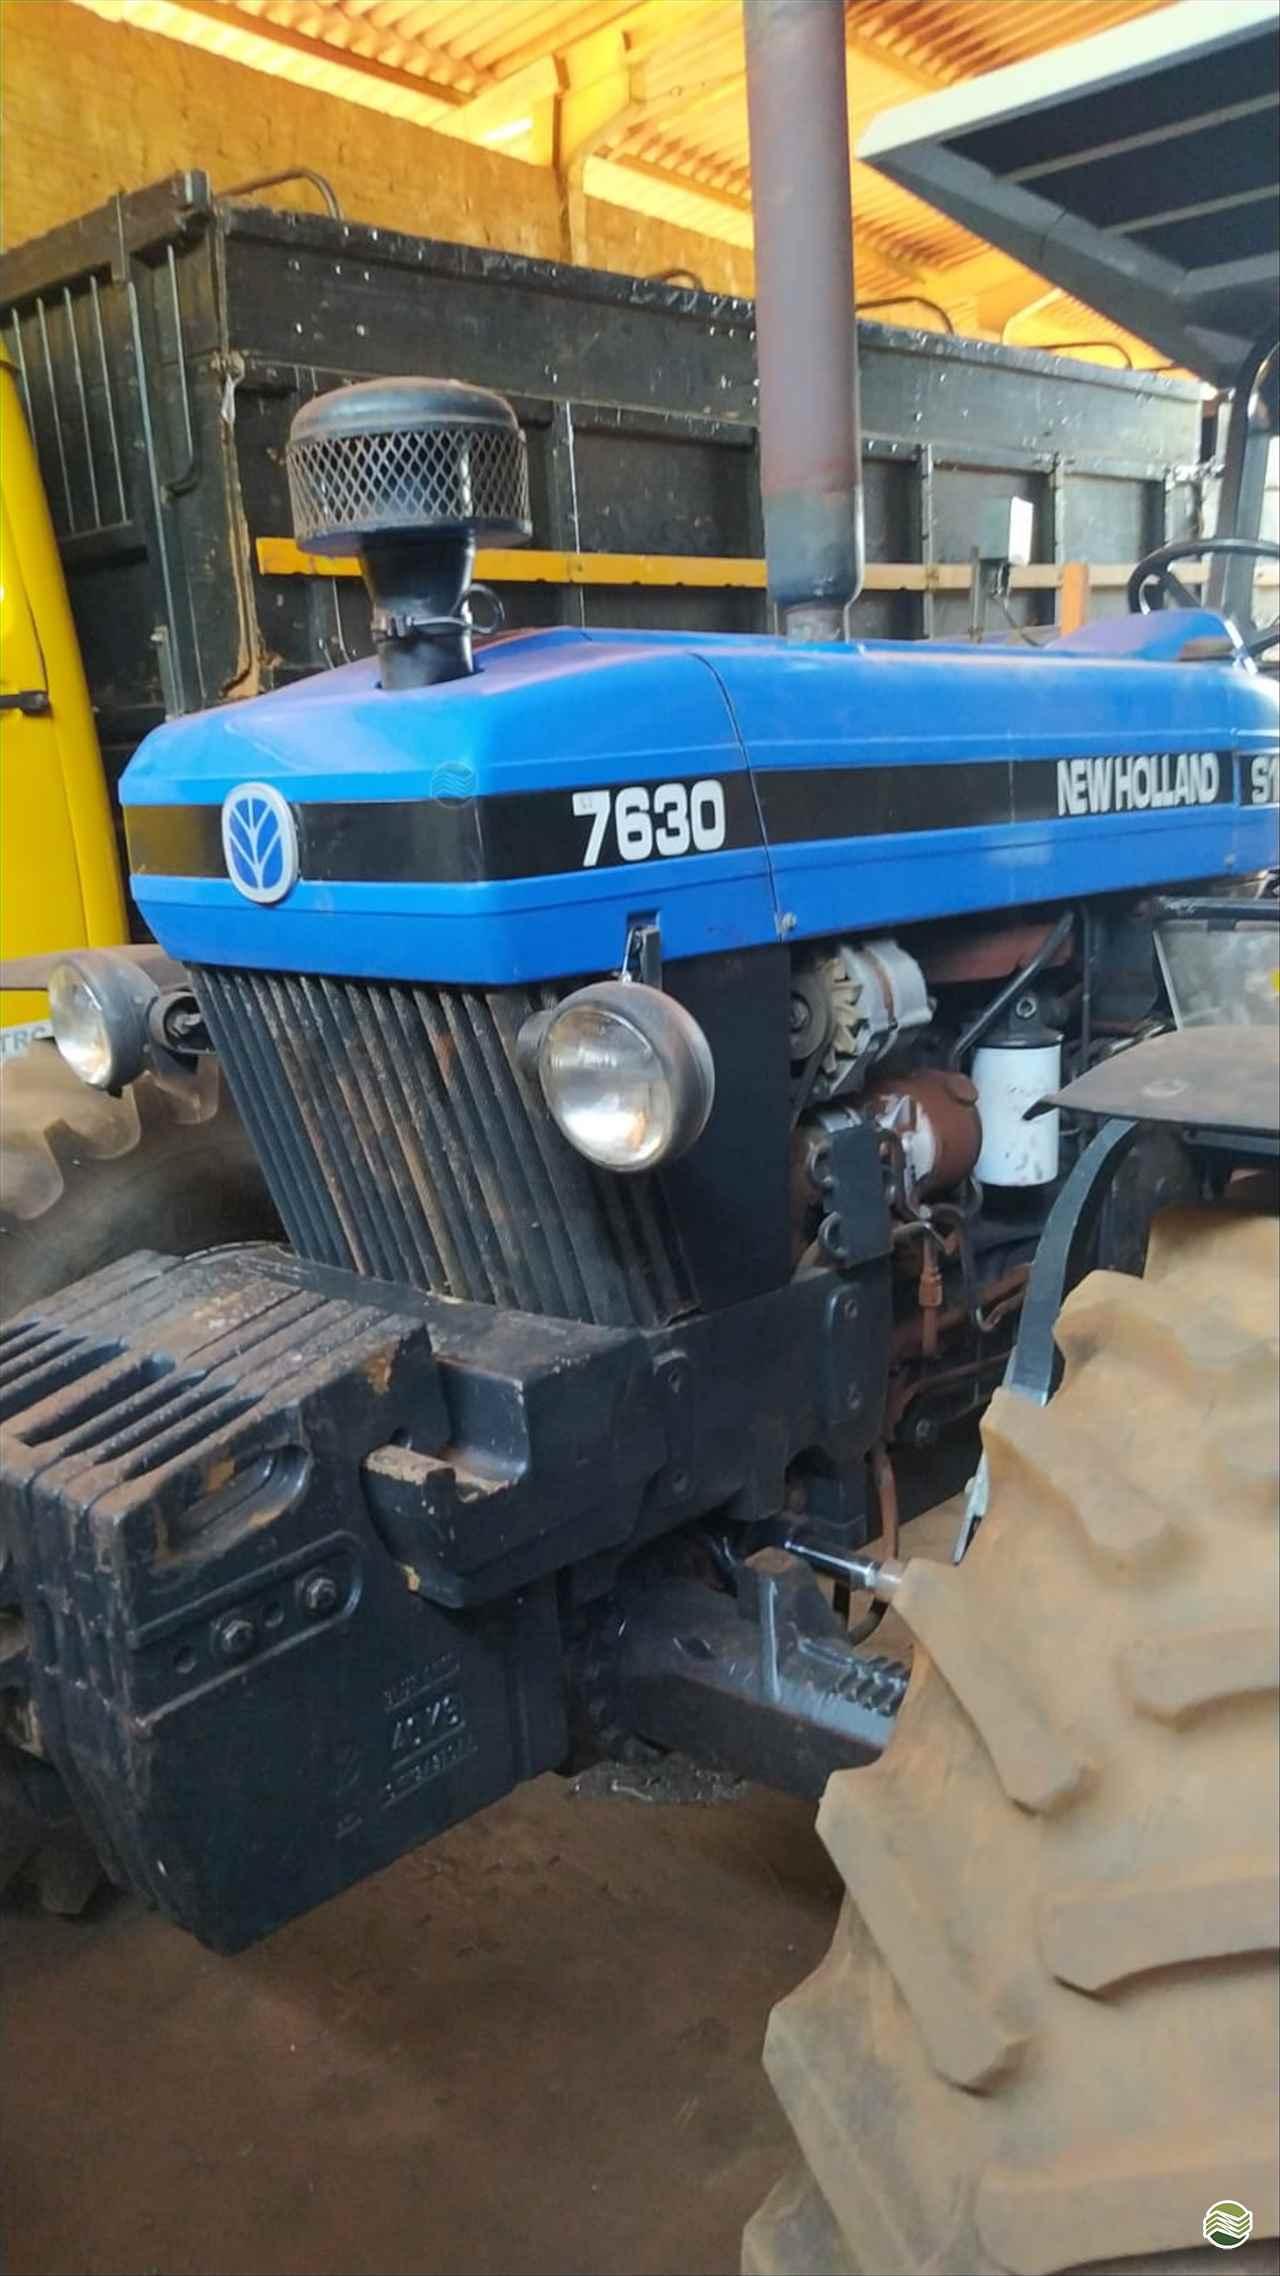 TRATOR NEW HOLLAND NEW 7630 Tração 4x4 Zanella Tratores CAMPO MOURAO PARANÁ PR